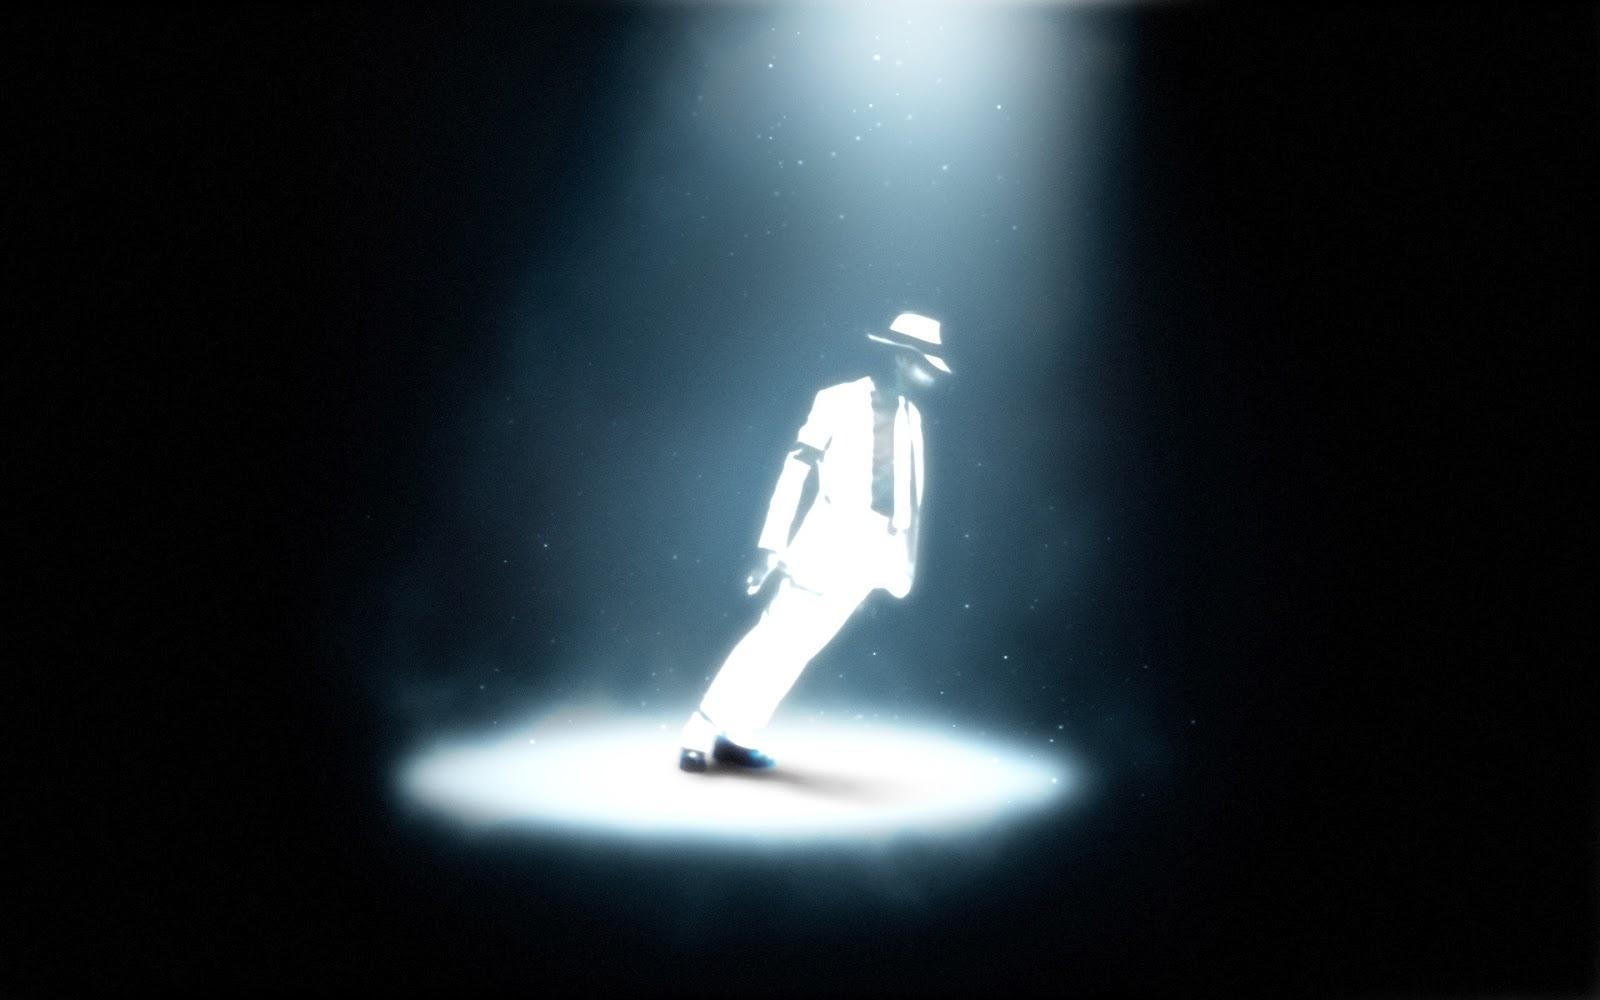 http://1.bp.blogspot.com/-rLkqAxO7ShQ/TzCyycJen-I/AAAAAAAAKl8/ZHtQ5QwpjVc/s1600/Michael+Jackson+HD+Wallpaper4.jpg